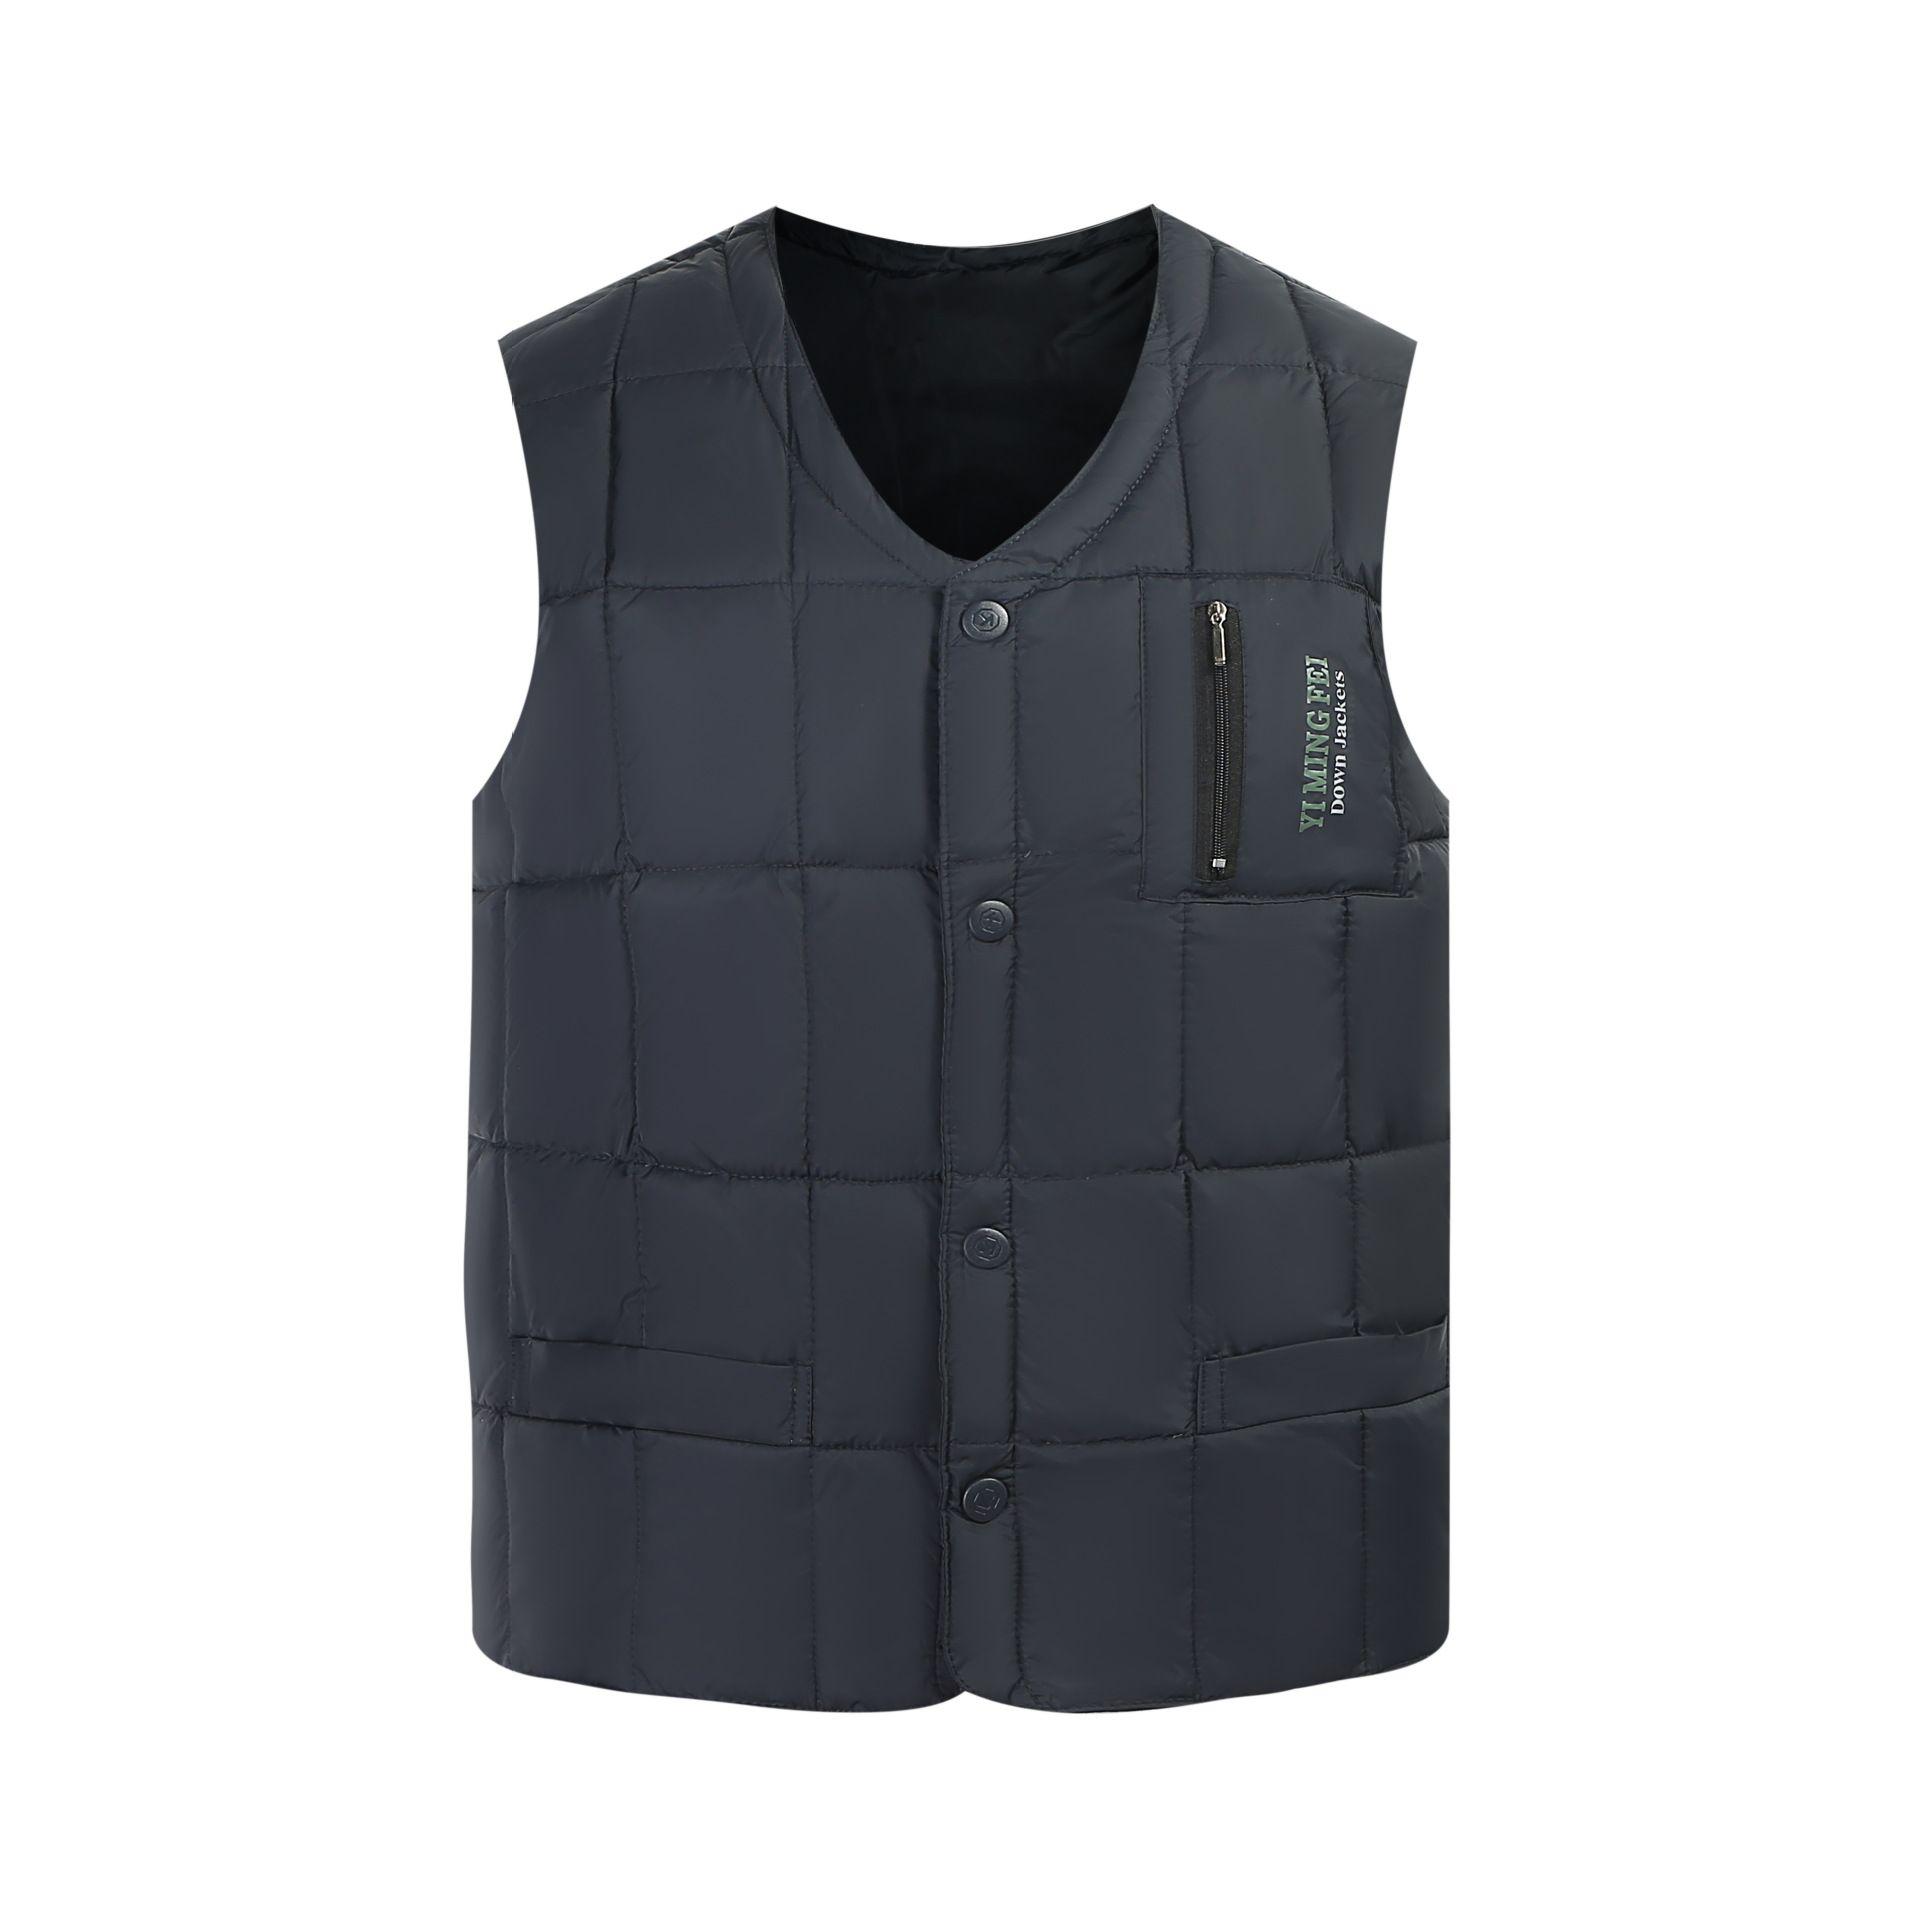 Hommes Vestes d'hiver Brand Design vestes pour hommes uniques 2019 Nouveau Hommes Luxe Arrivant Parkas Mode Casual Femmes Sweats à capuche Hip Hop Windbreak